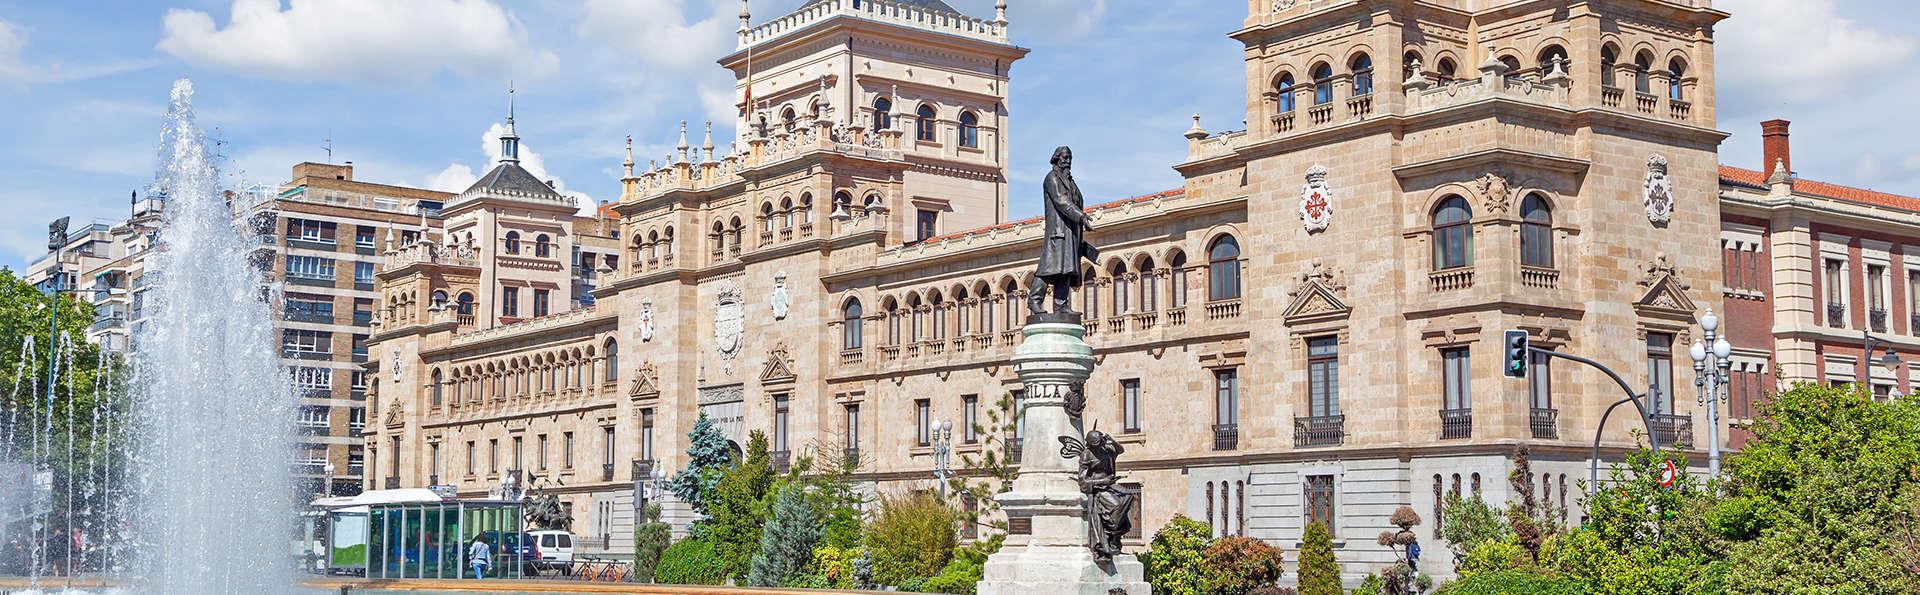 Hotel Resort El Montico - Edit_Valladolid.jpg